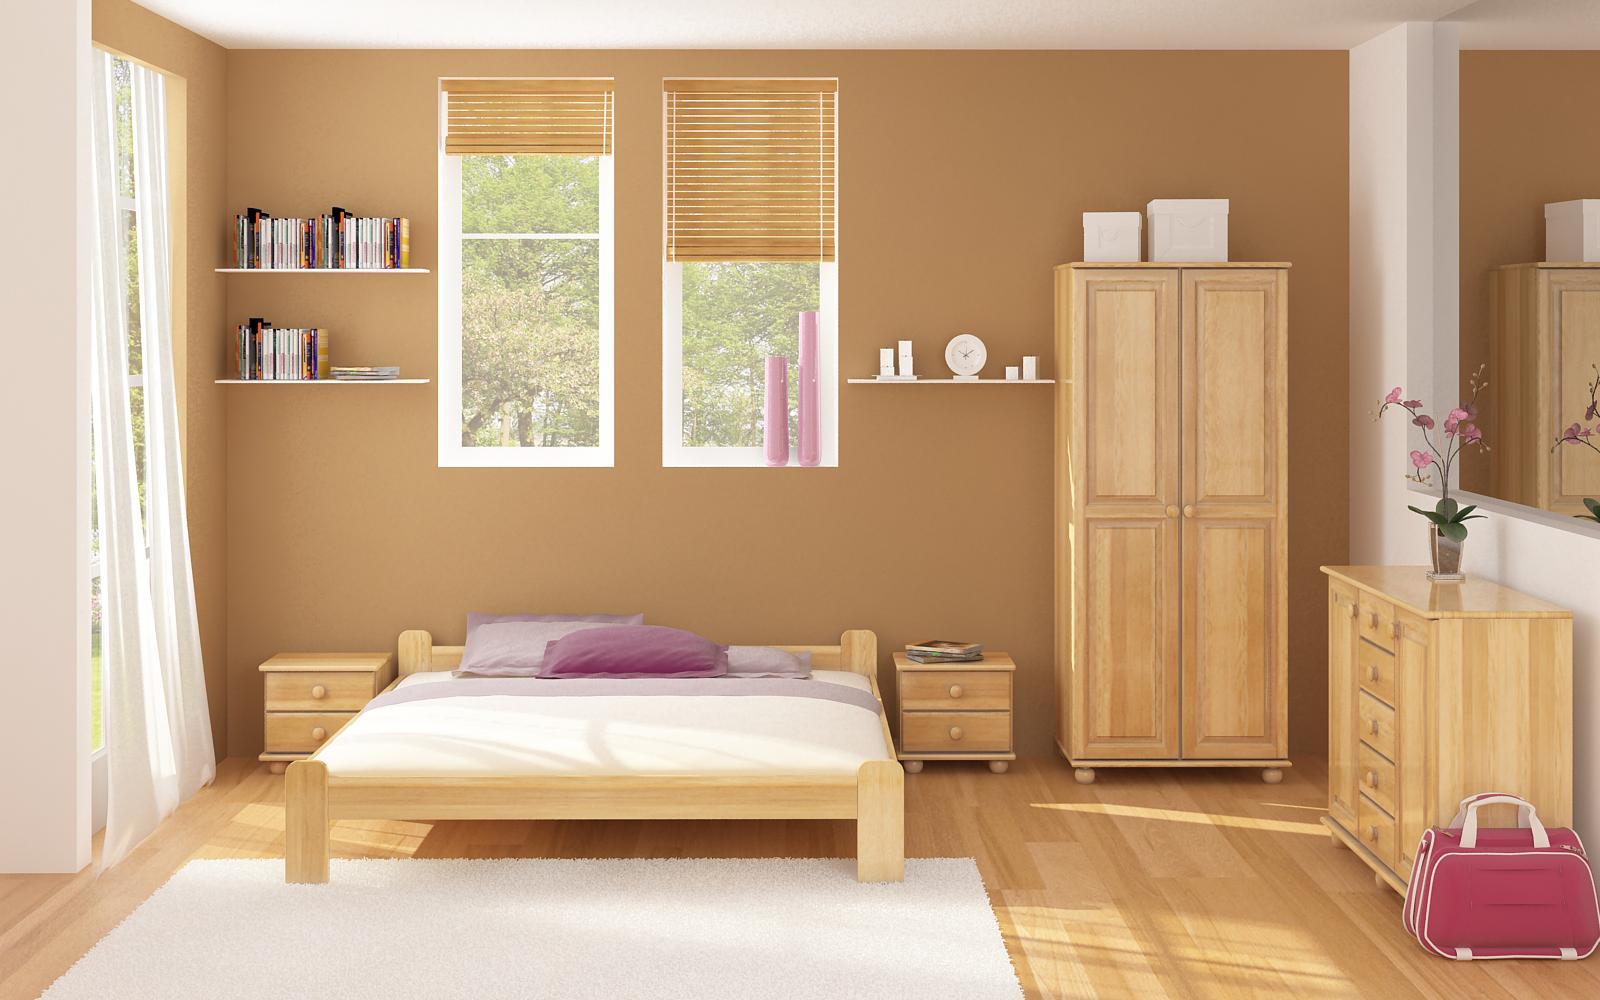 Smooth bedroom color